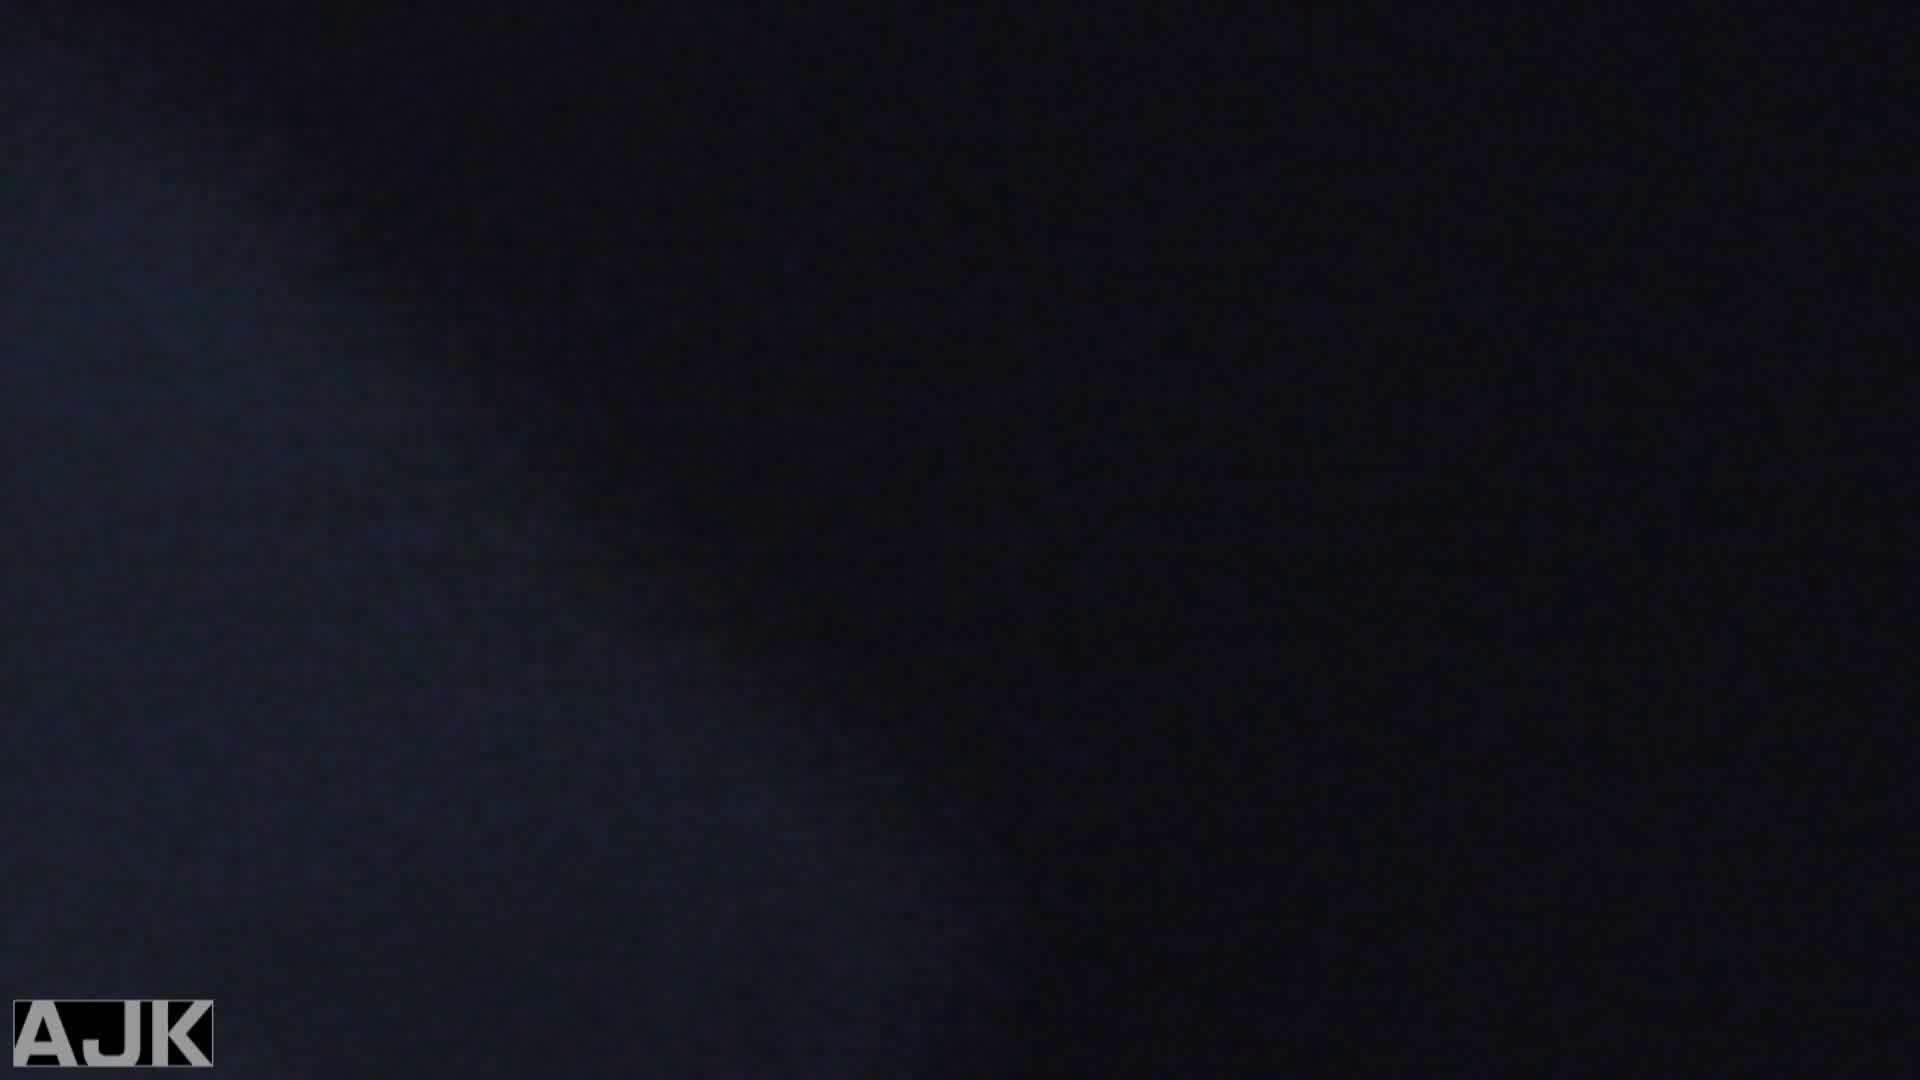 隣国上階級エリアの令嬢たちが集うデパートお手洗い Vol.13 盗撮で悶絶 ワレメ動画紹介 59画像 58